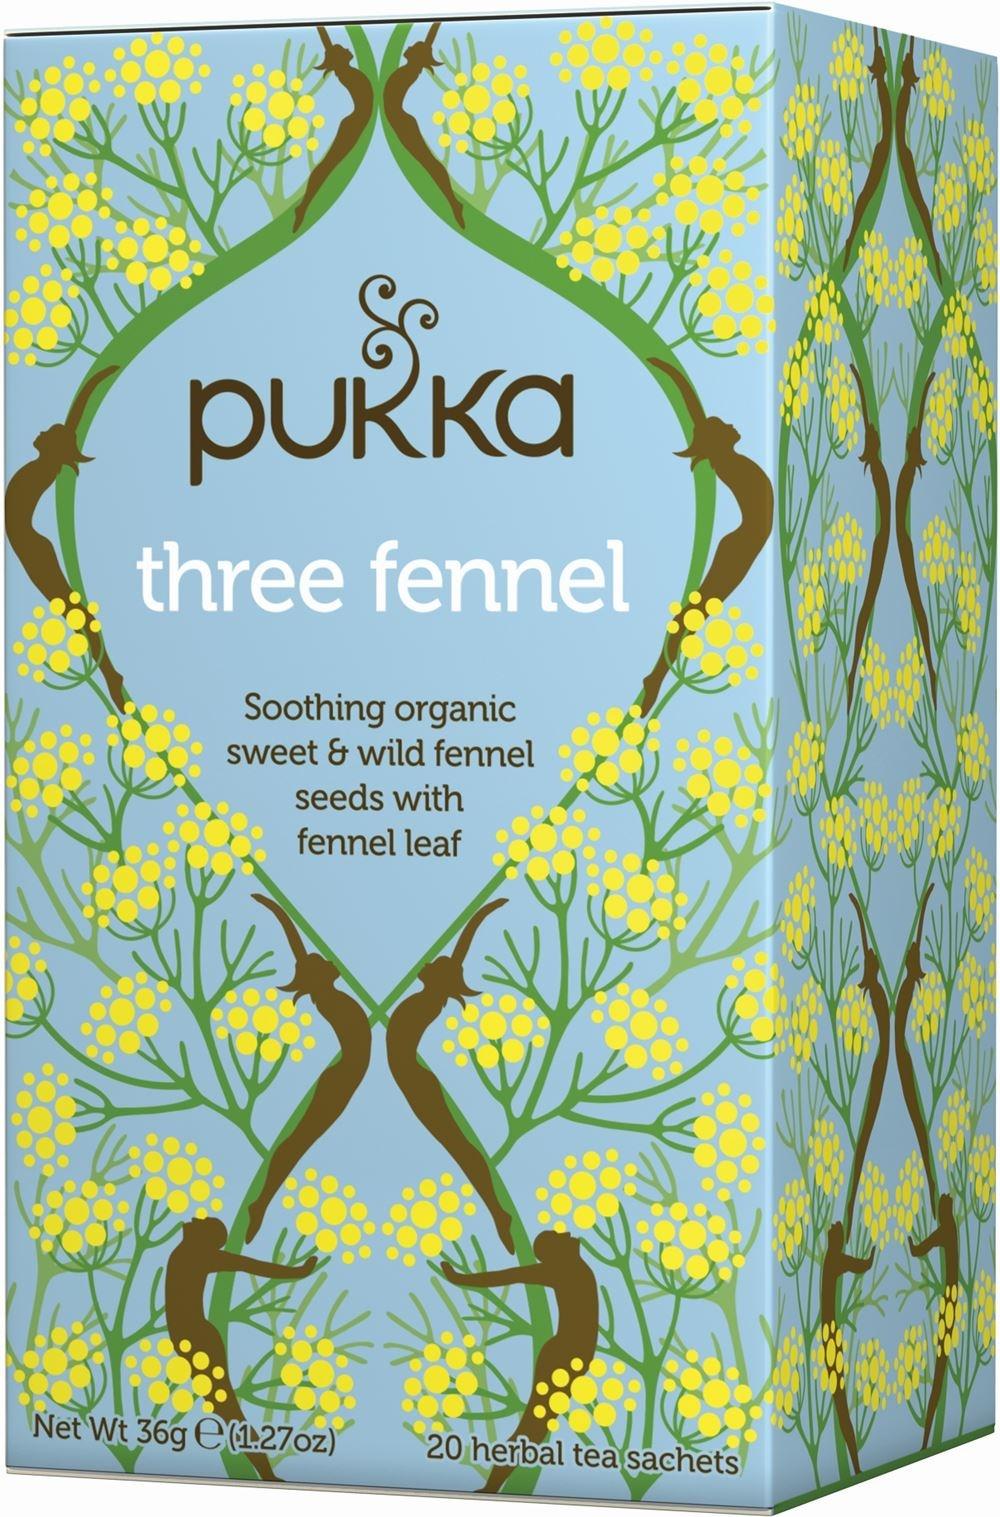 Pukka Three Fennel Tea x 20 bags